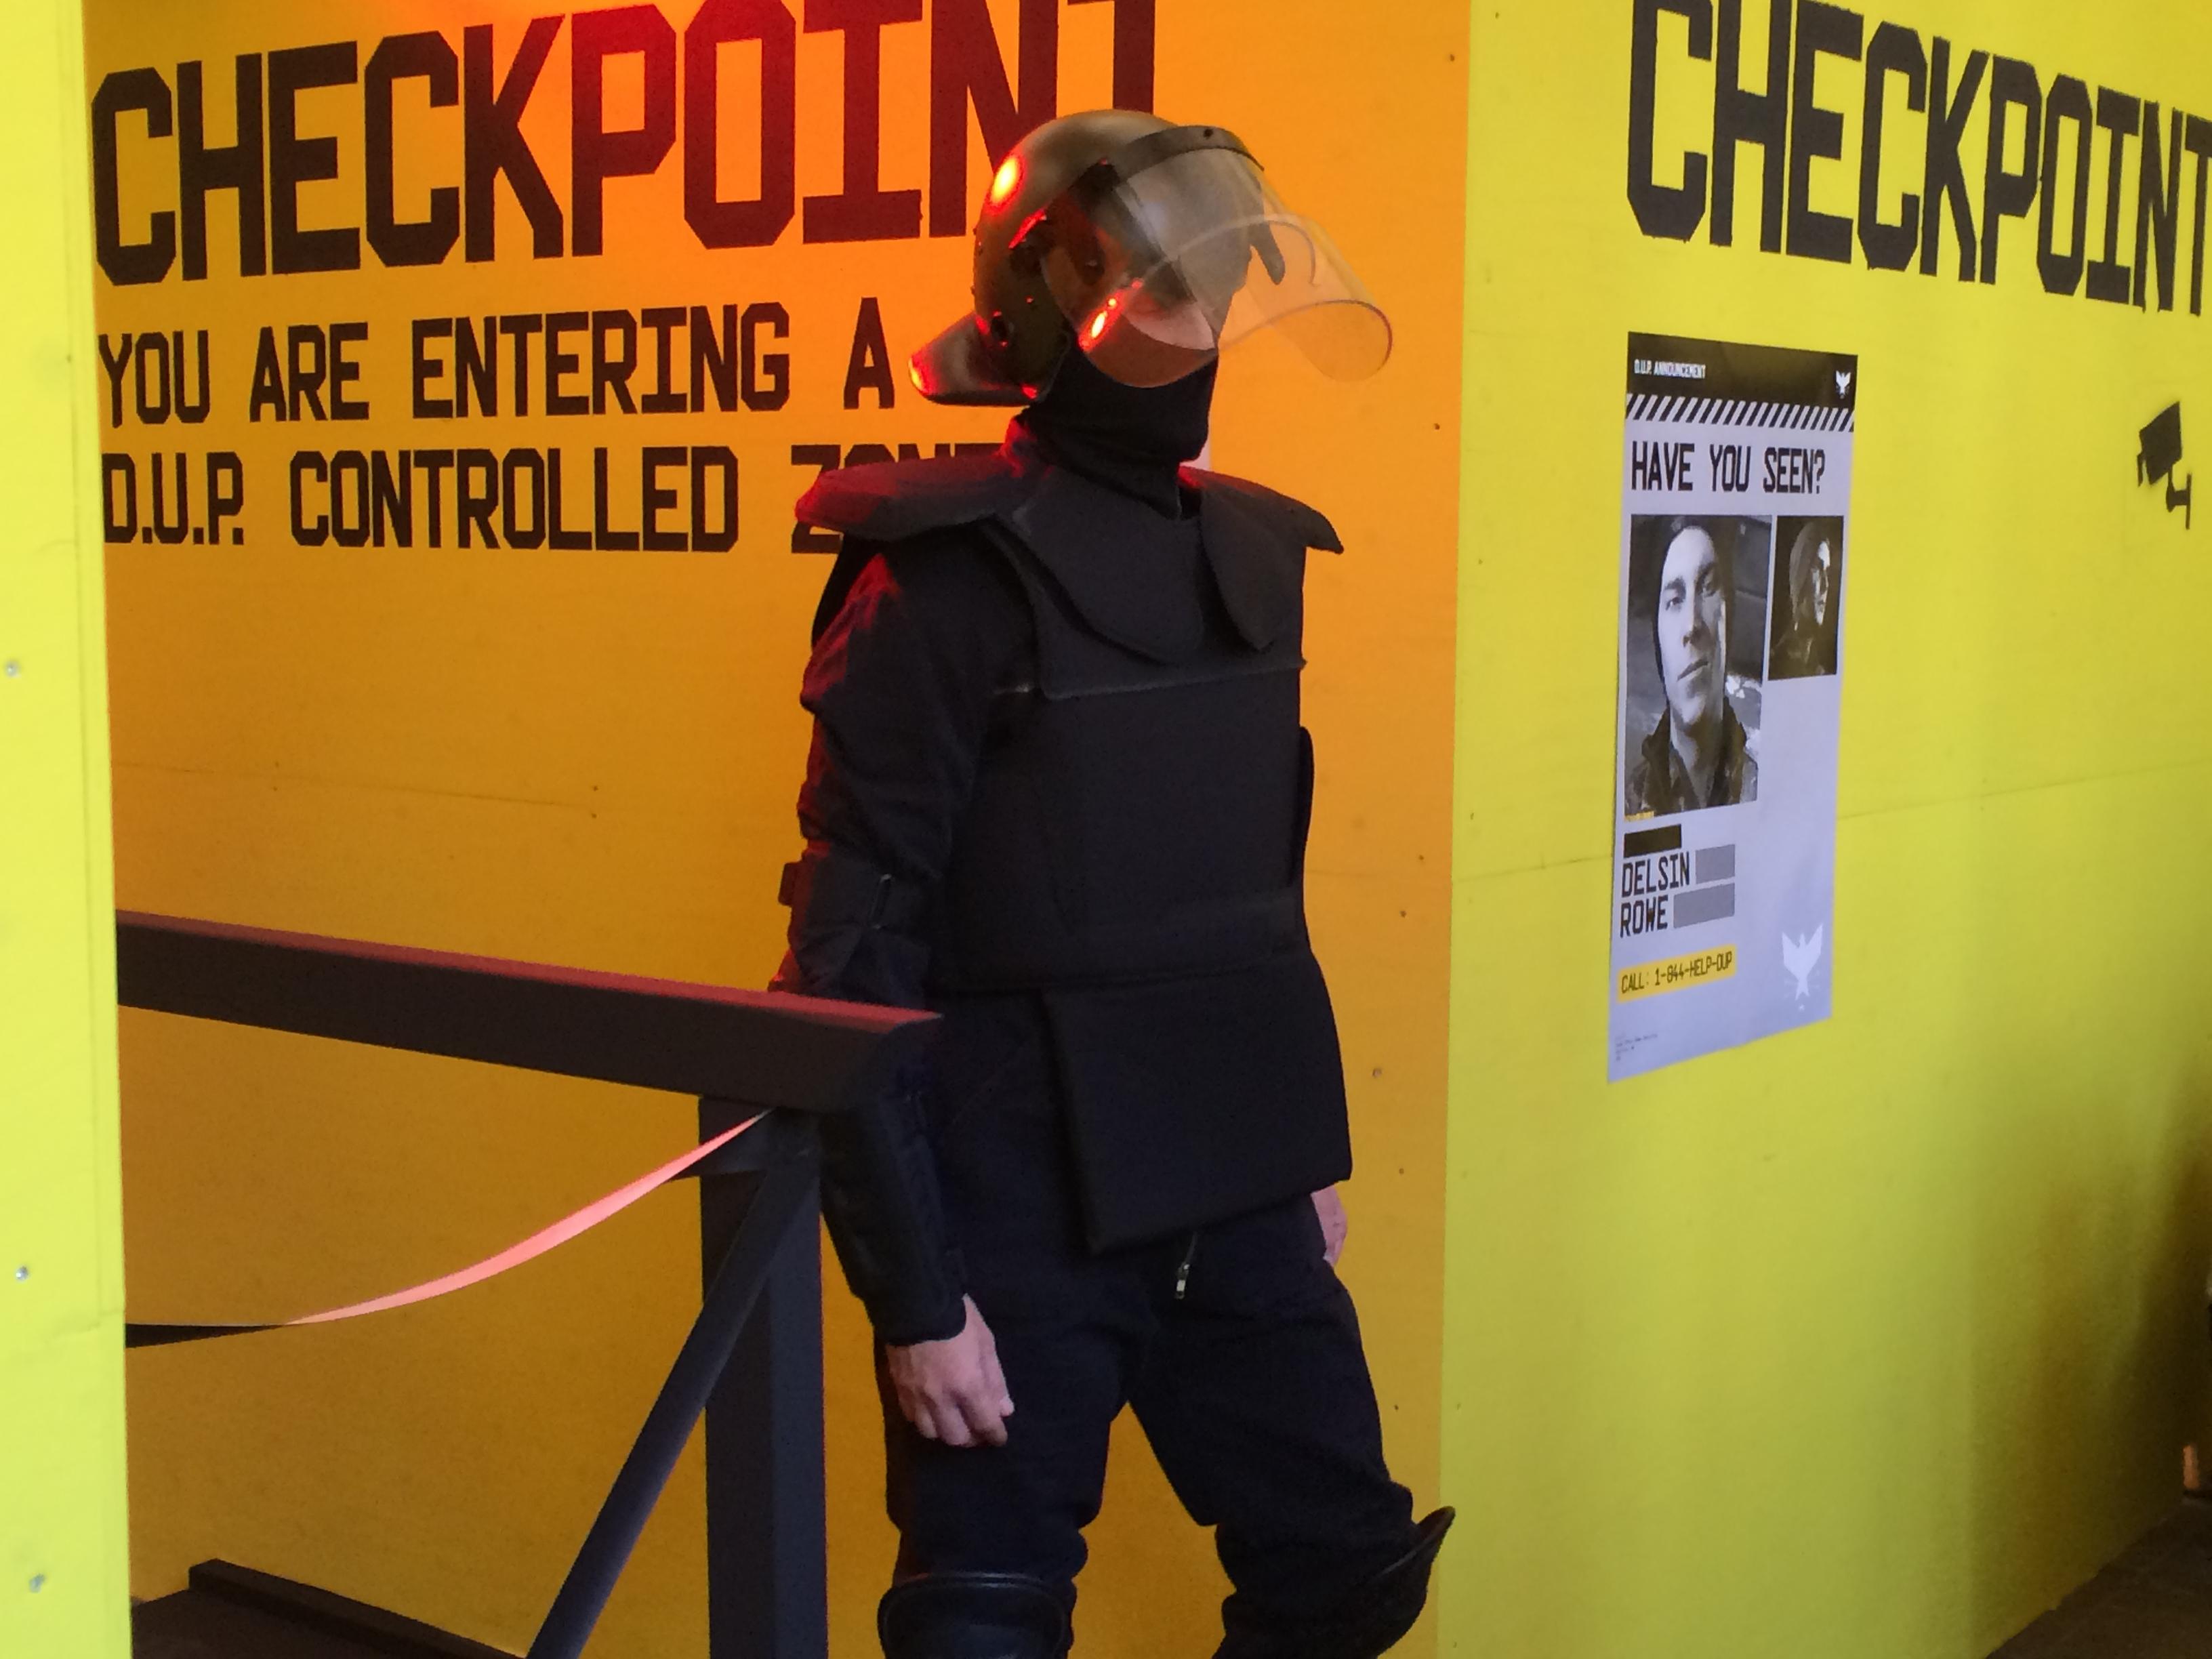 Die Kontroller am DUP-Checkpoint hab ich grad noch so überstanden...